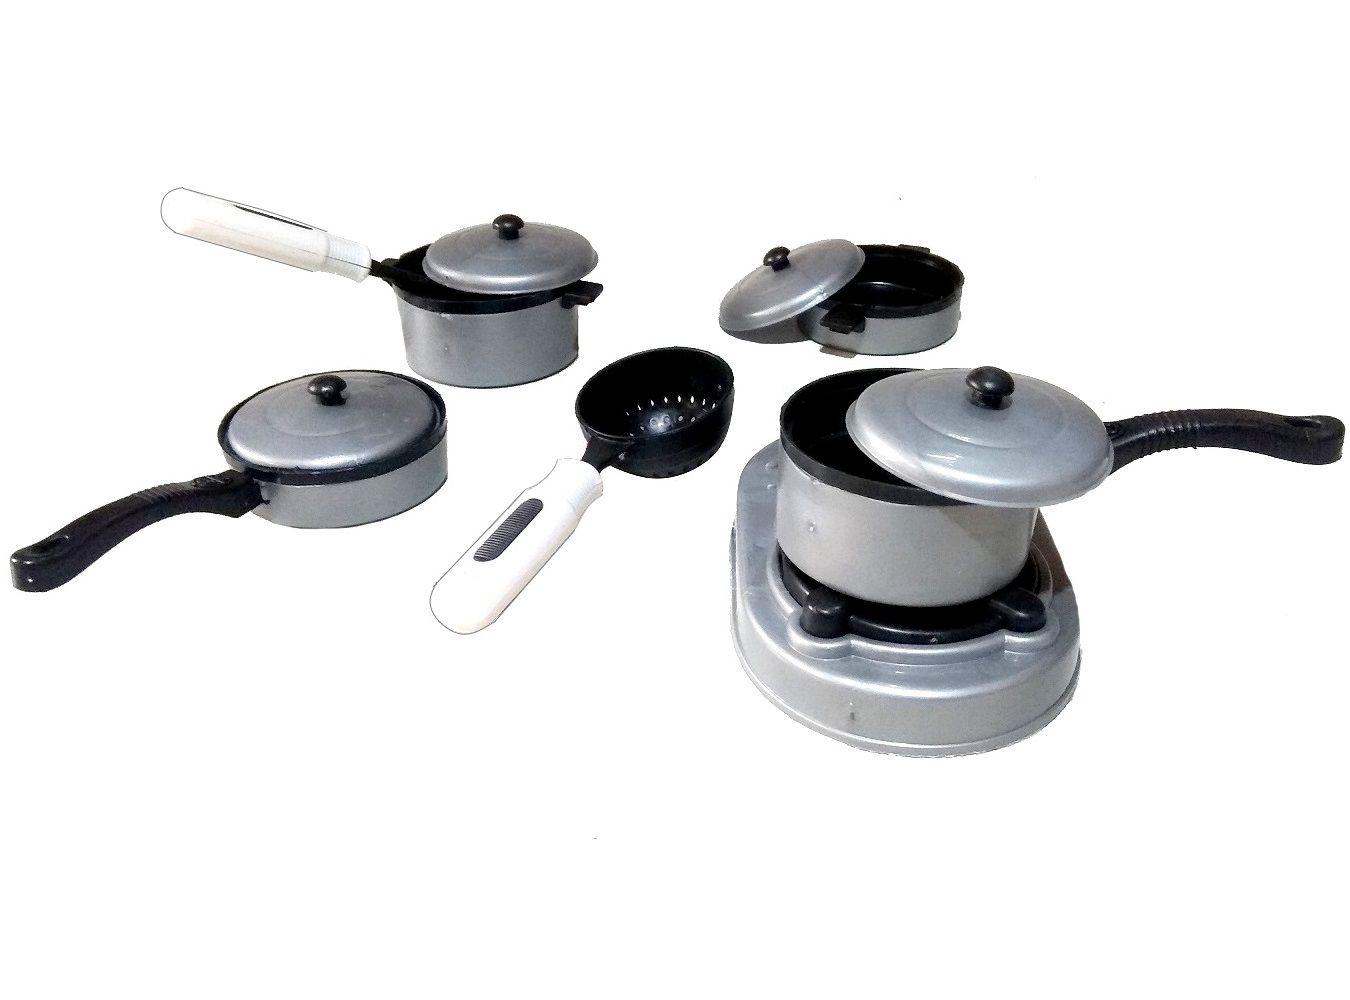 Kit Cozinha Panelinhas Com Fogão e utensílios Infantil